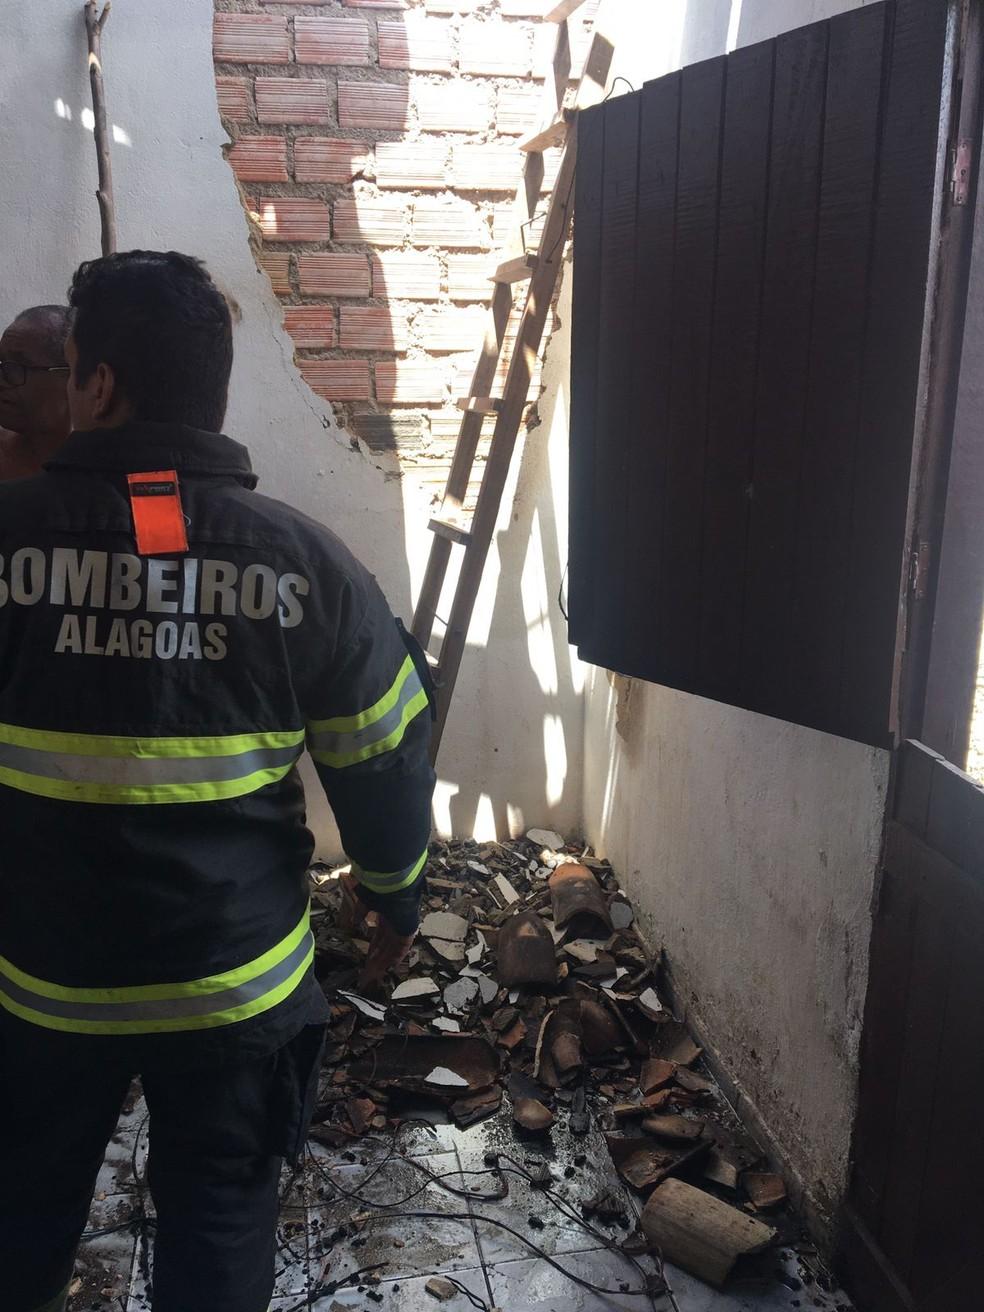 Bombeiros foram acionados para apagar incêndio provocado por vazamento de gás em residência em Matriz de Camaragibe, AL — Foto: CBM-AL